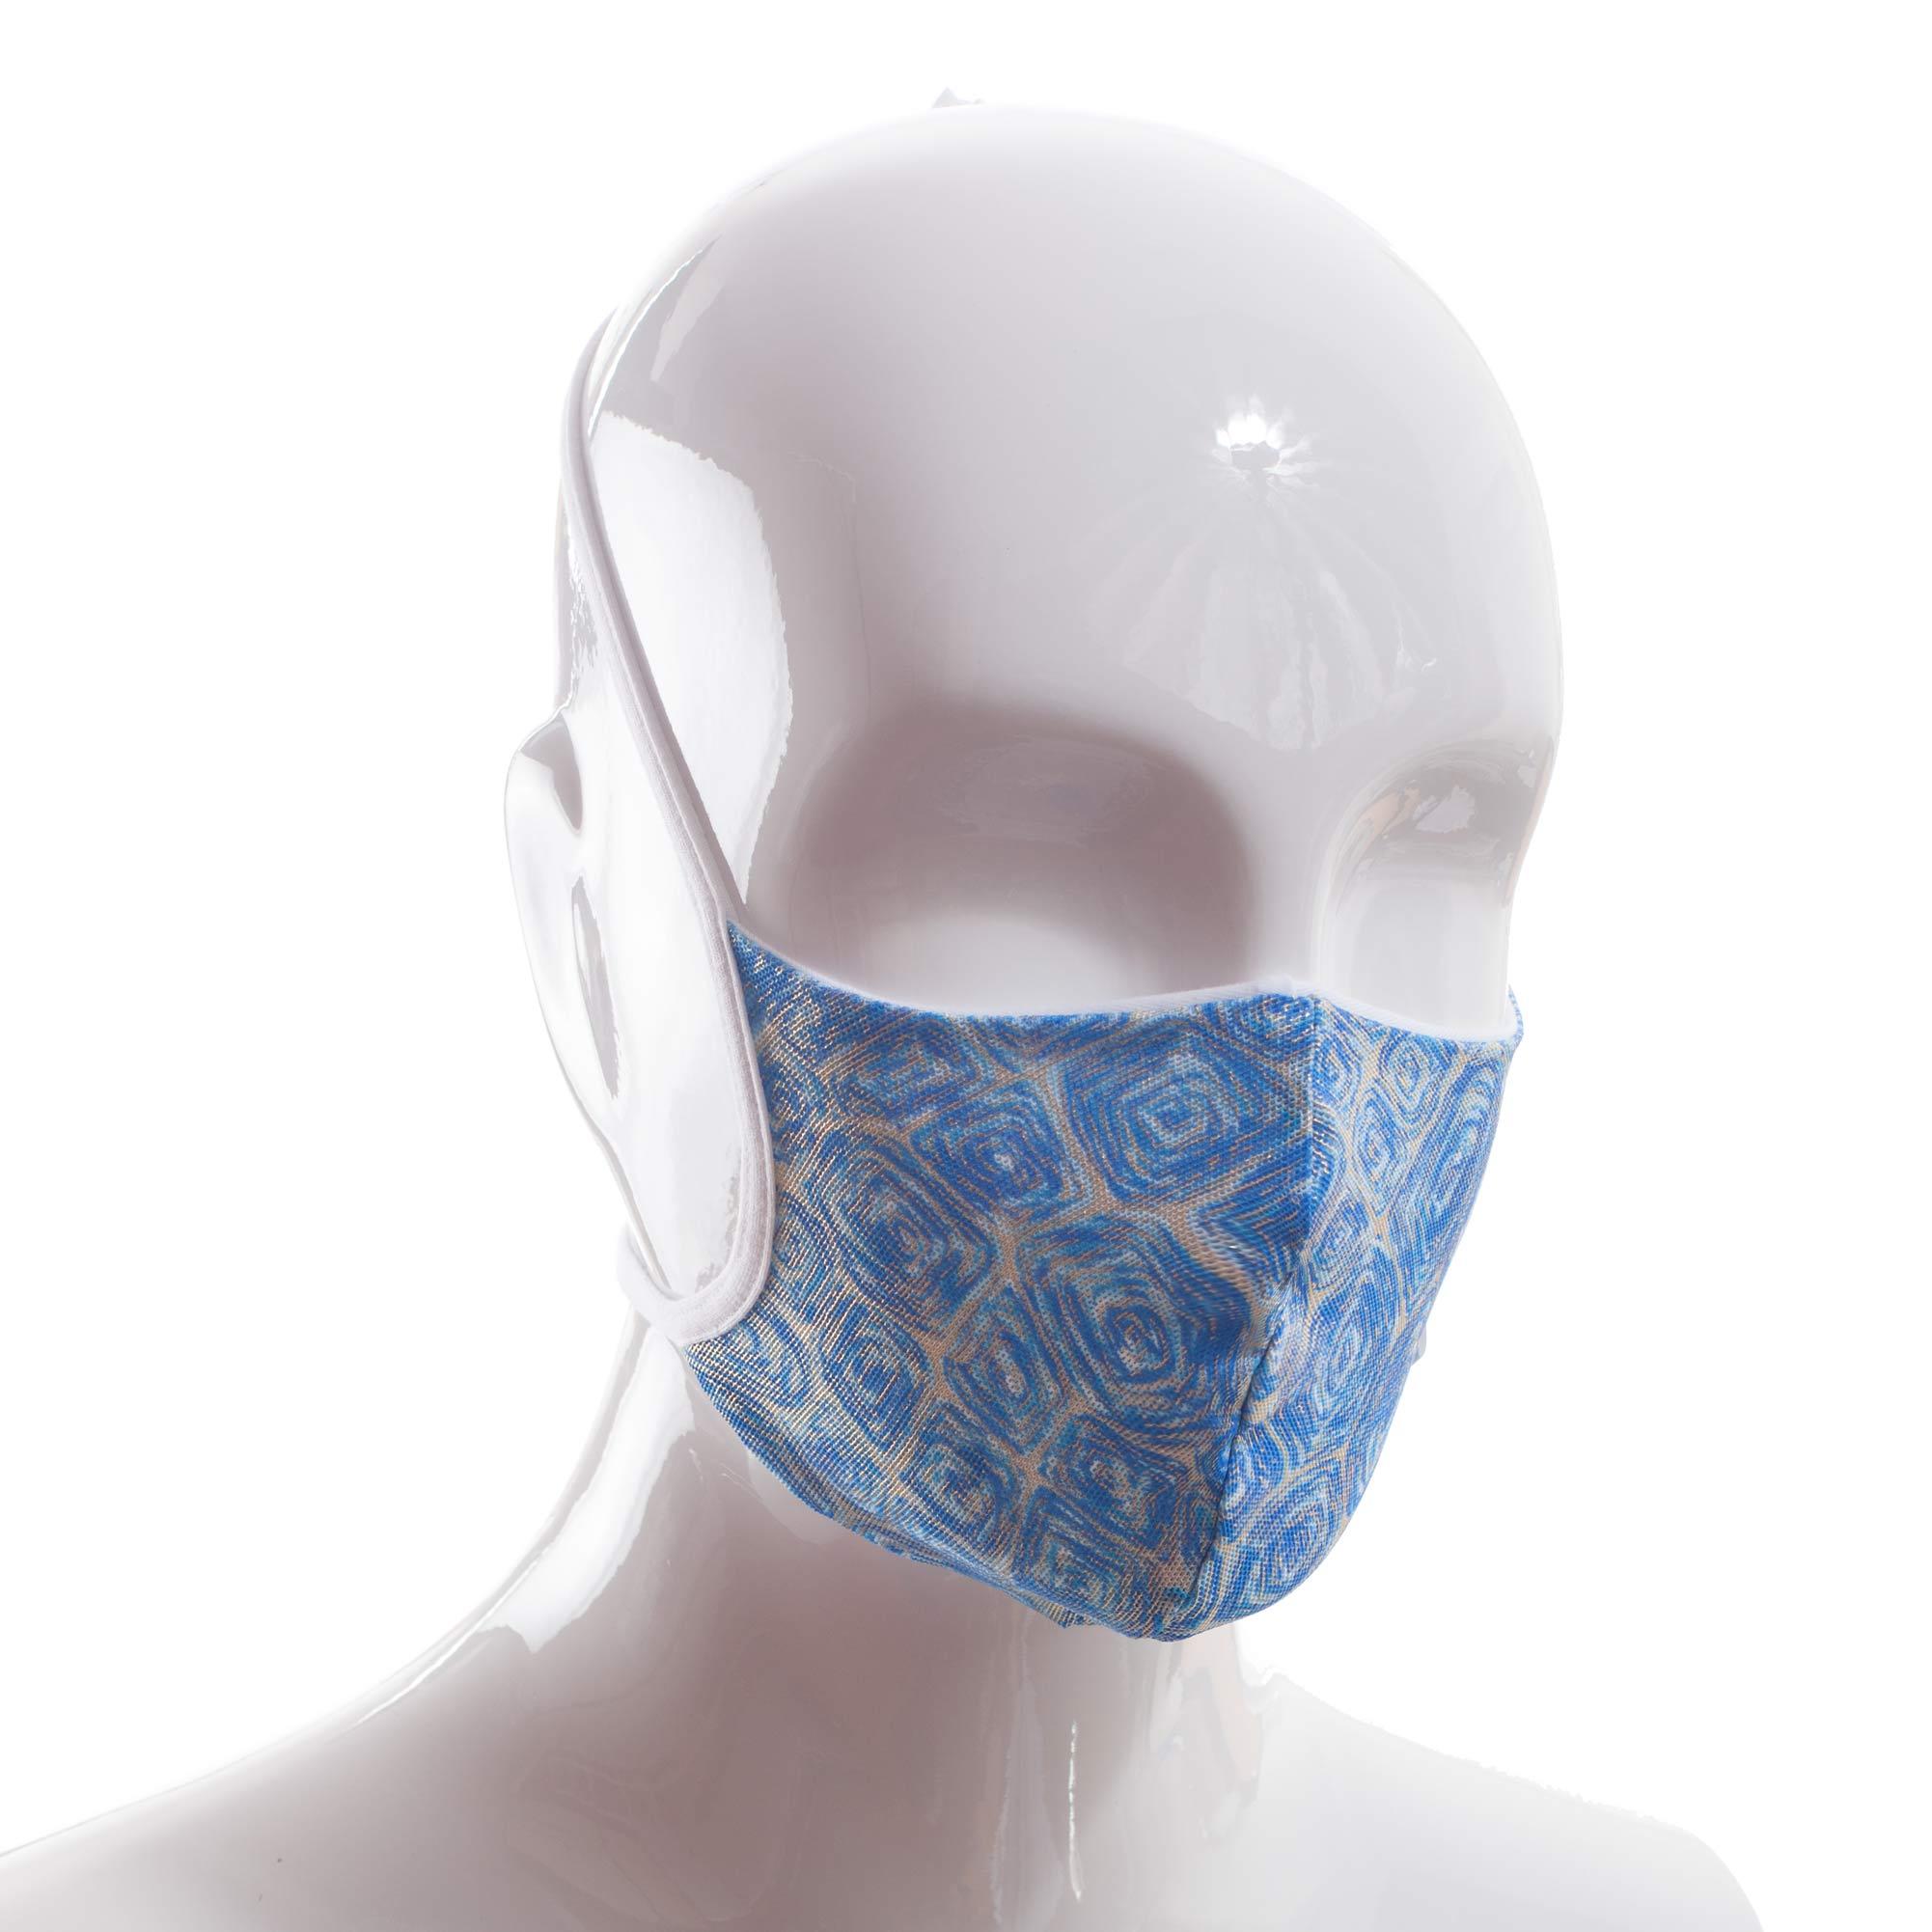 Die Baumwoll-Polyester Mund-Nasen Maske BWPM4Blaugold von der Wonneberger Manufaktur ist eine textile Behelfsmaske, kein zertifizierter Mundschutz.  Sie schützt nur bedingt vor Ansteckung. Ihr eigentlicher Zweck ist es, den Atem des Trägers zu filtern und dadurch seine Umgebung zu schützen.  Daher muss die…